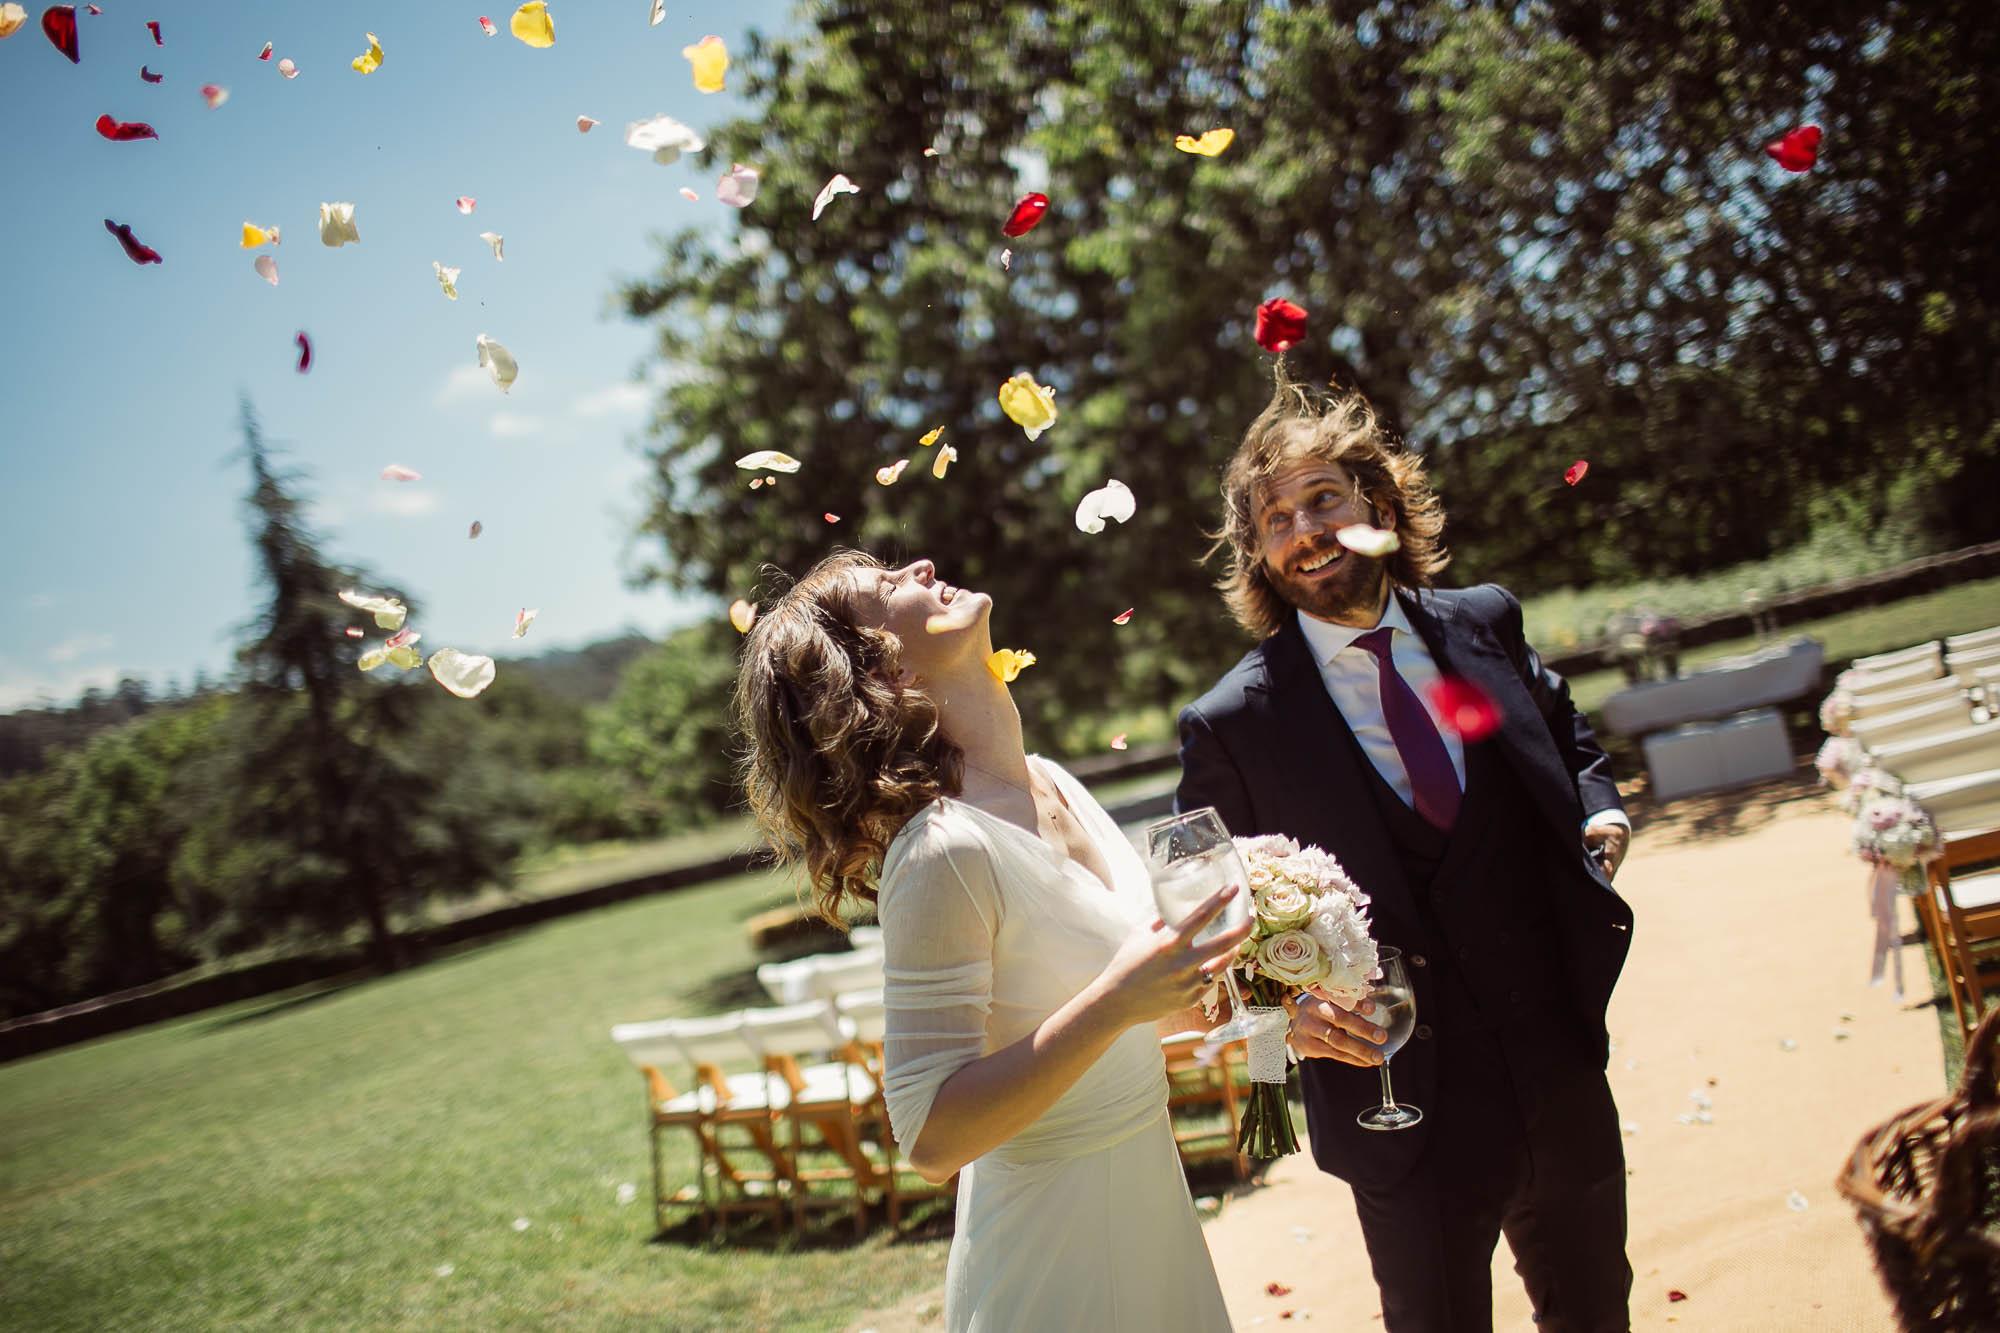 Los novios con una copa en la mano mientras llueven pétalos de flores